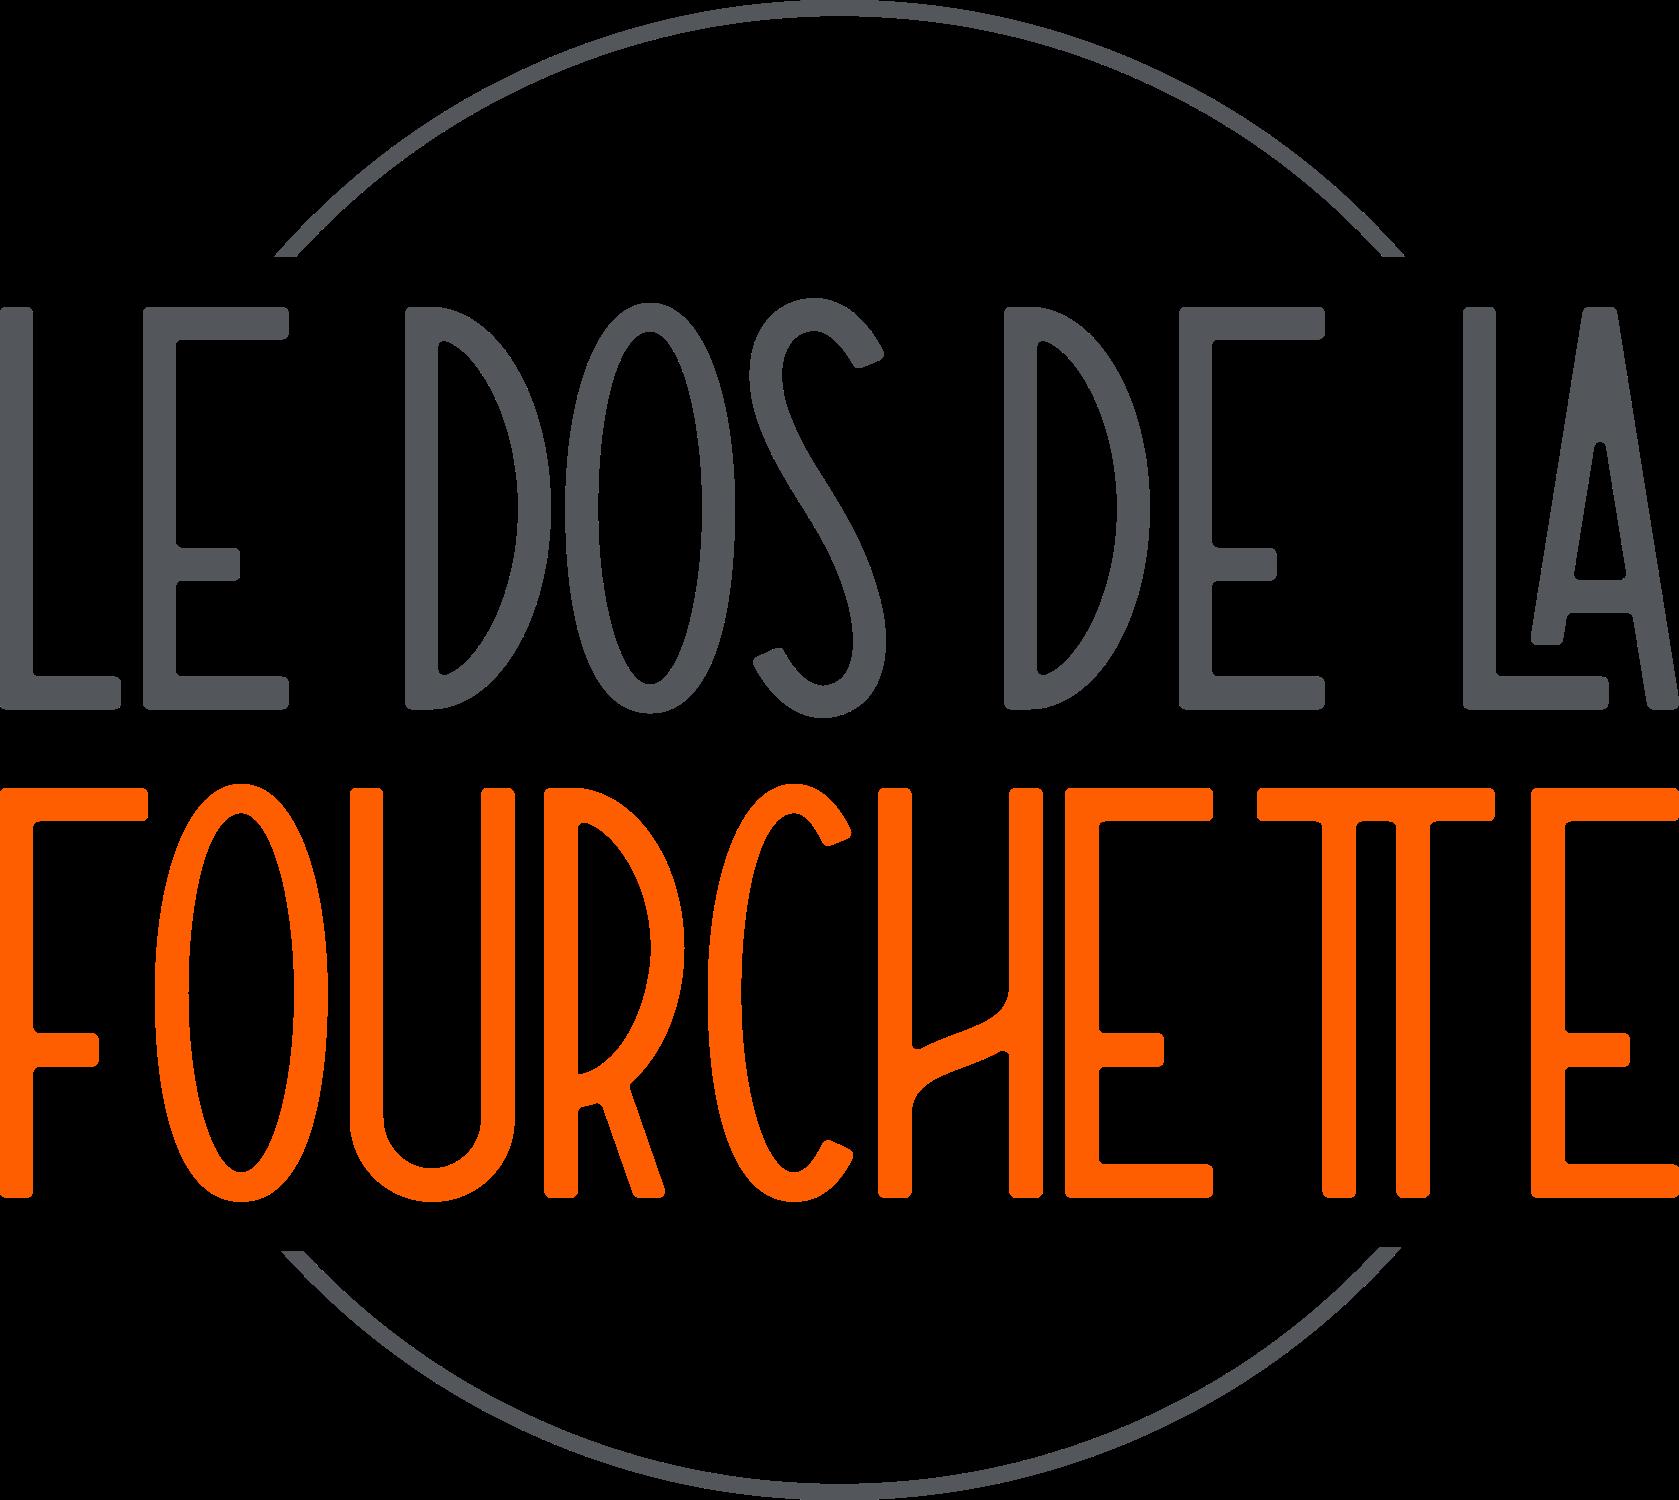 Le Dos de la Fourchette